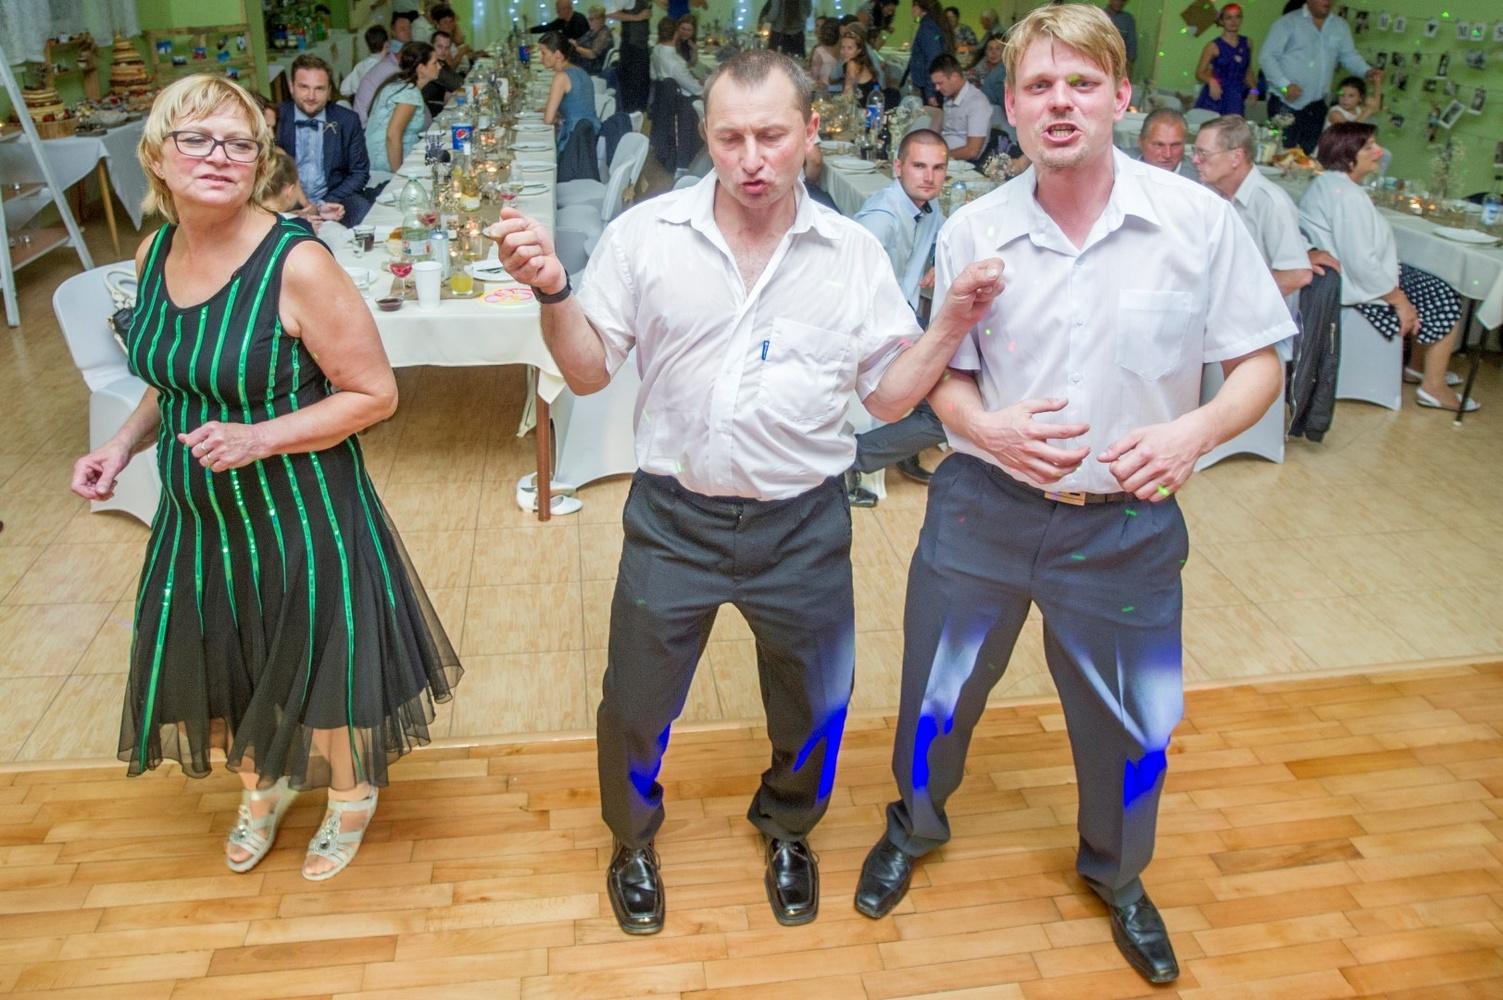 http://www.fotoz.sk/images/gallery-8/normal/eskuvoi-fotos_svadobny-fotograf_569.jpg